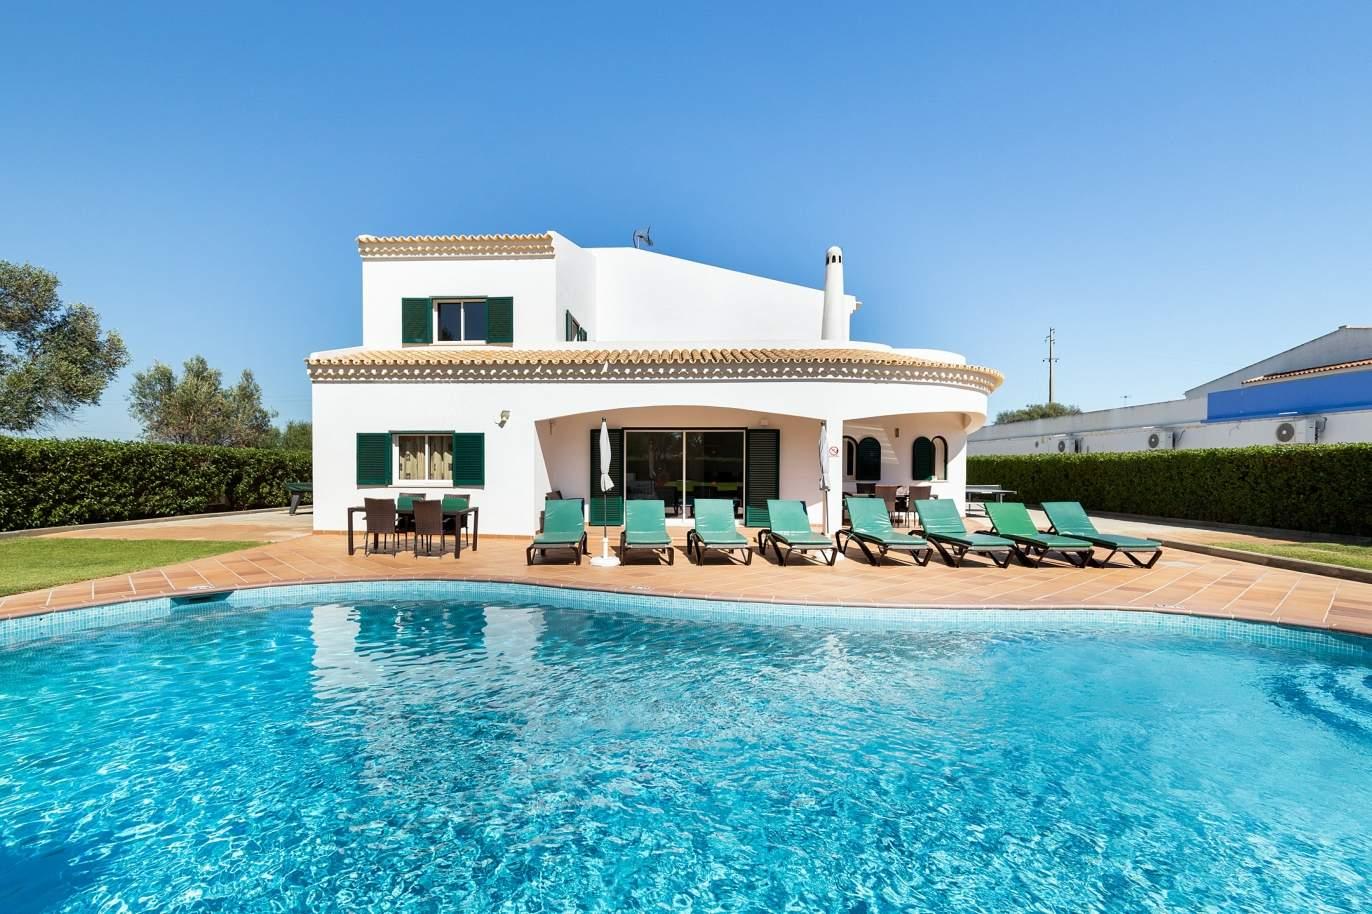 4-bedroom-villa-with-pool-and-garden-albufeira-algarve